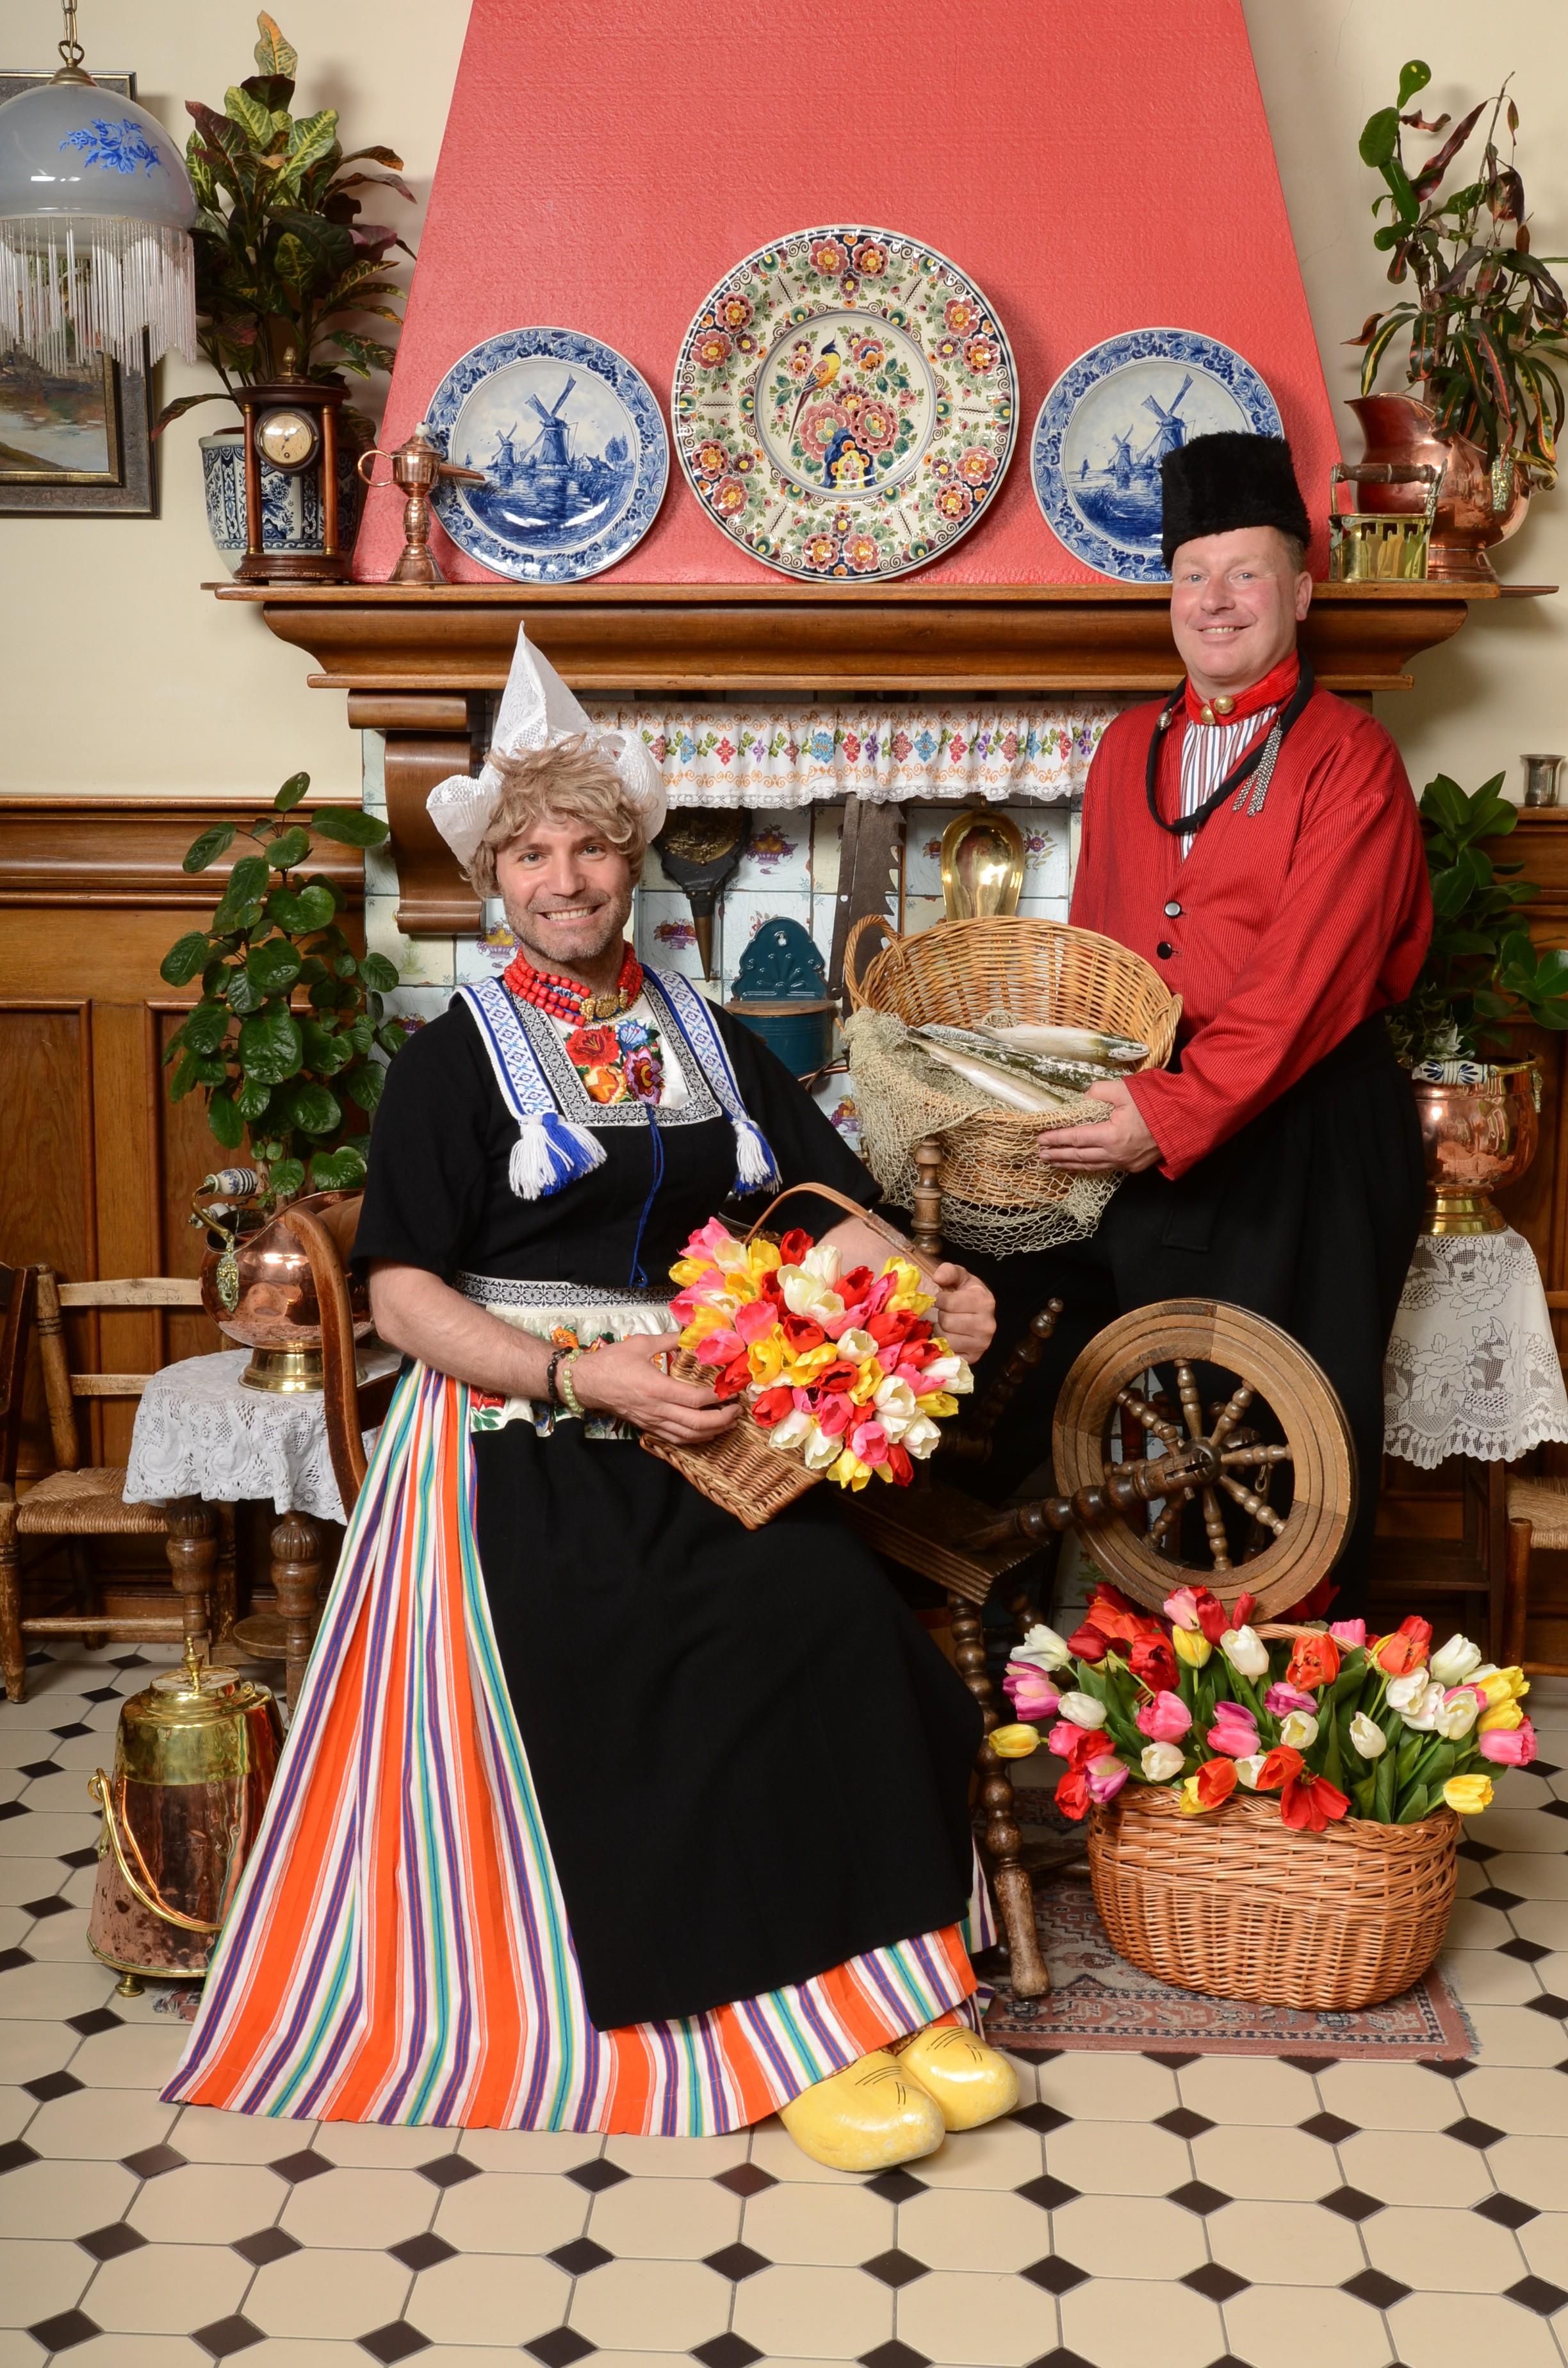 Friends in Volendam costume